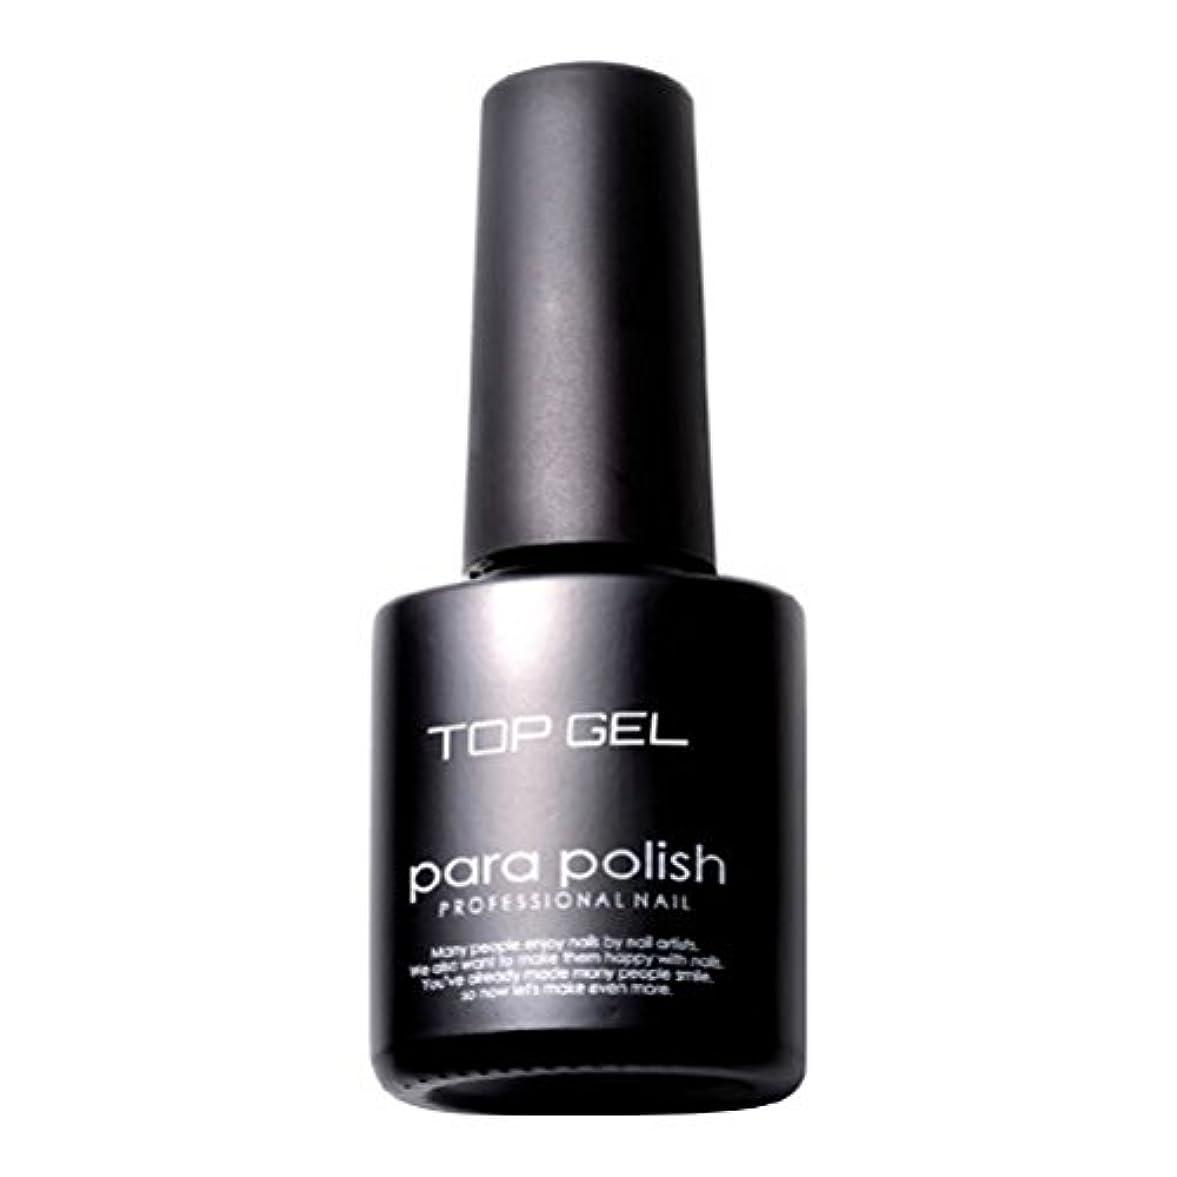 ピストンスタンド敏感なパラジェル para polish(パラポリッシュ) トップジェル 7g